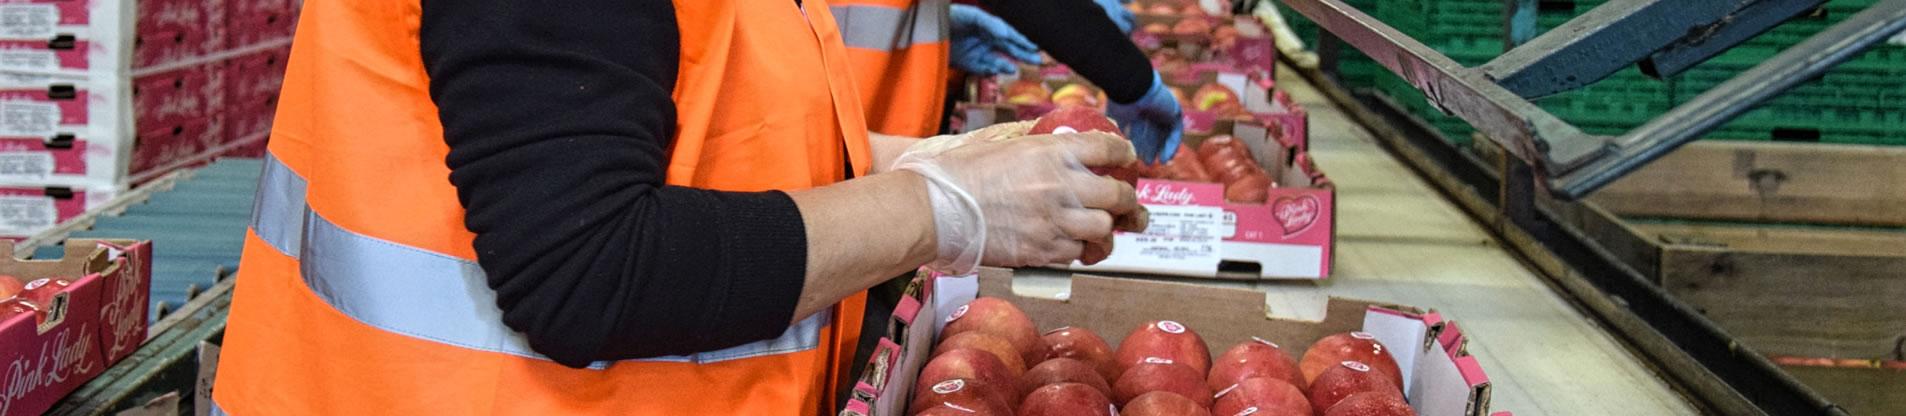 importateur-de-pommes-en-france-1